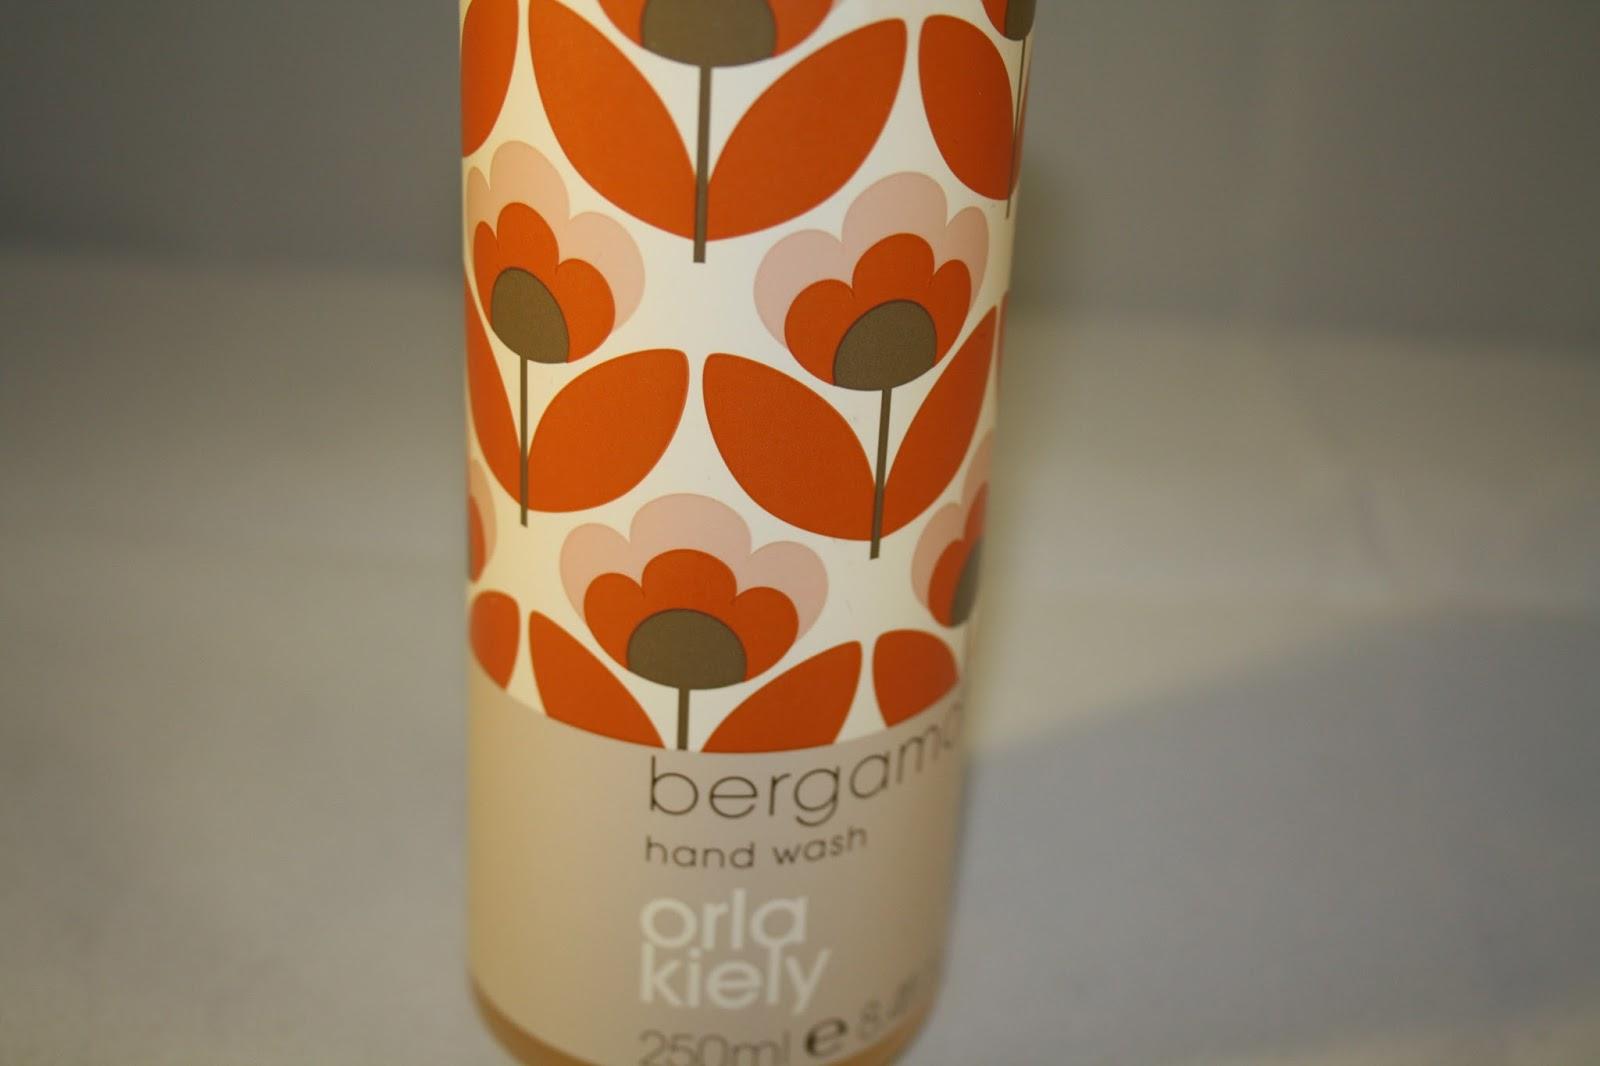 Orly Kiely Bergamot Handwash,